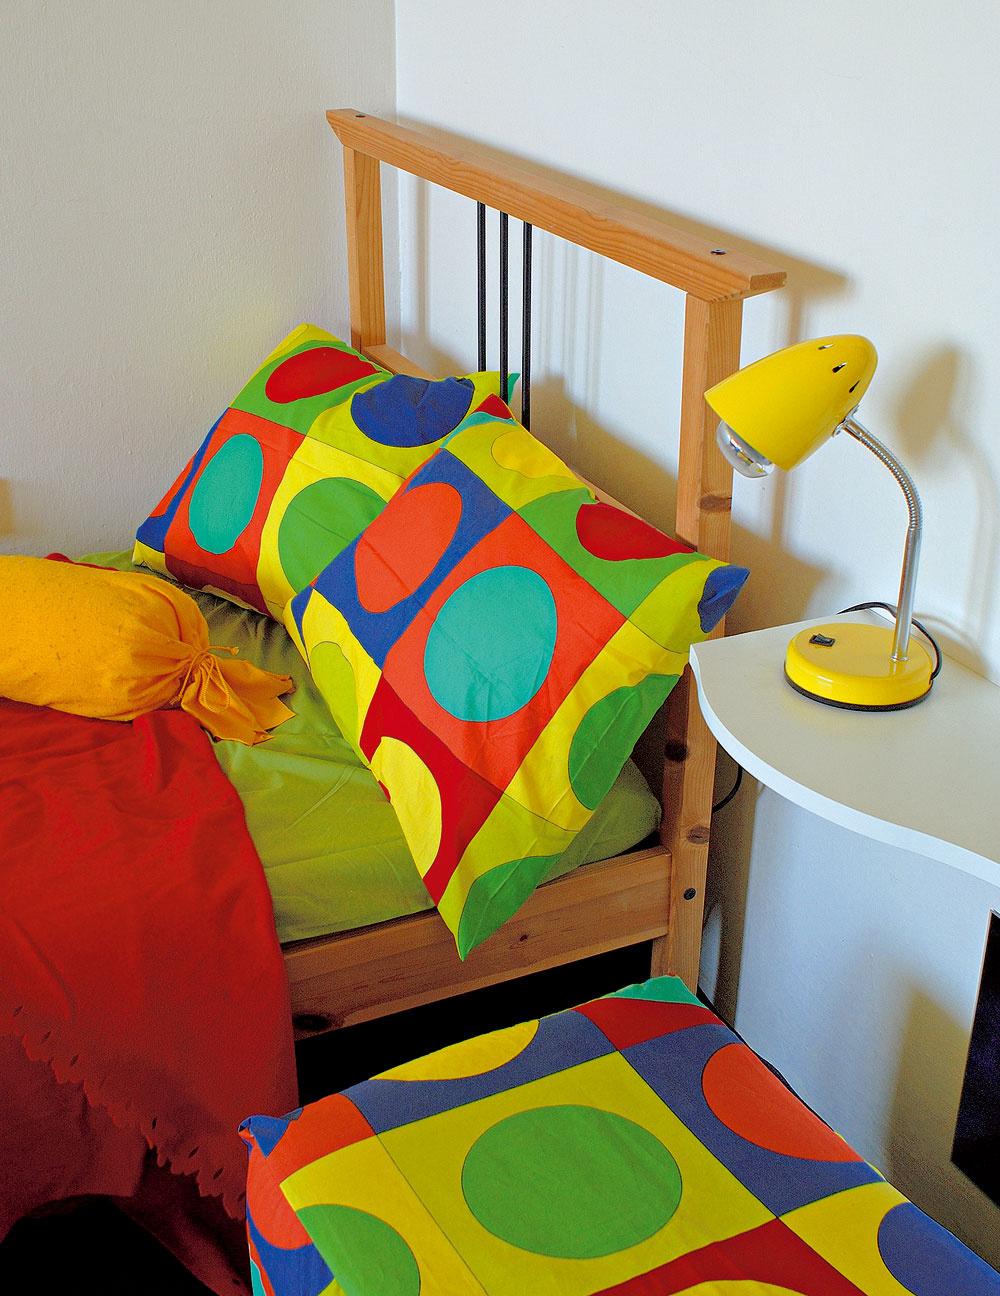 Zrovnakej látky ako závesy sú aj posteľné obliečky apodušky. Aušlo sa aj na návliečku na sedačku.